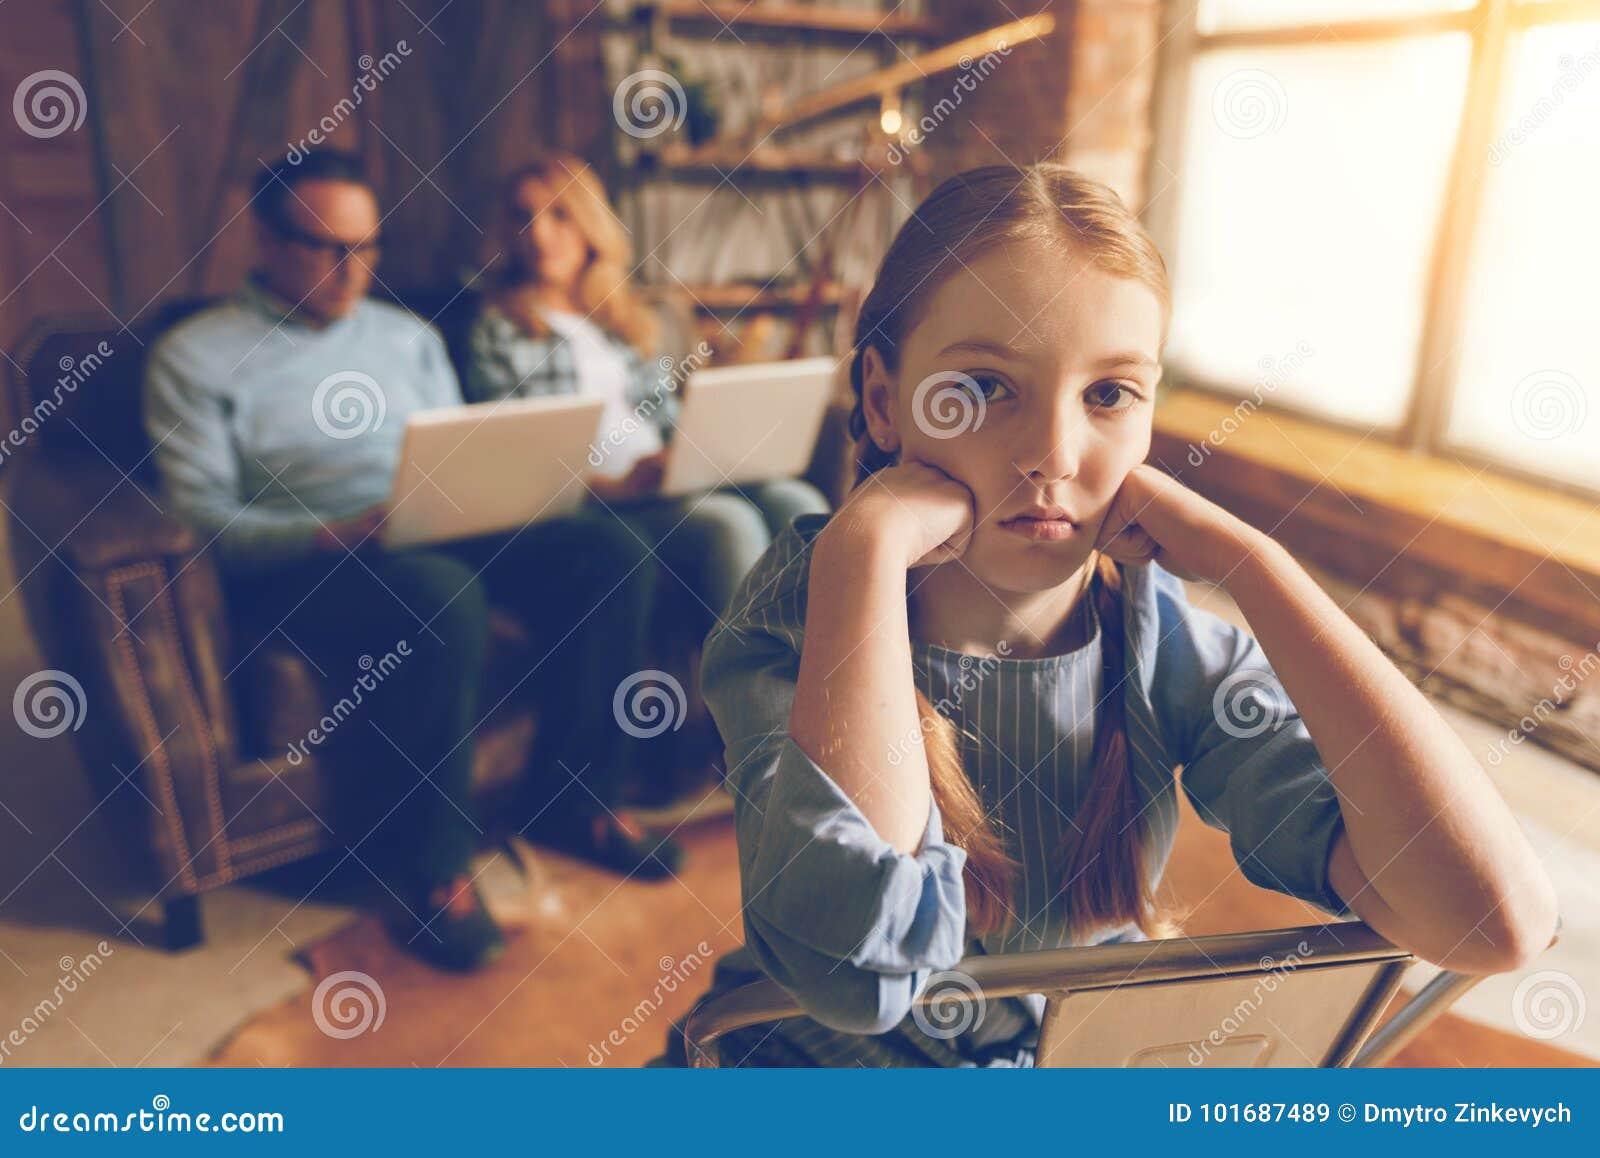 Zanudzająca mała dziewczynka na krzesła czekaniu dla ruchliwie działania wychowywa